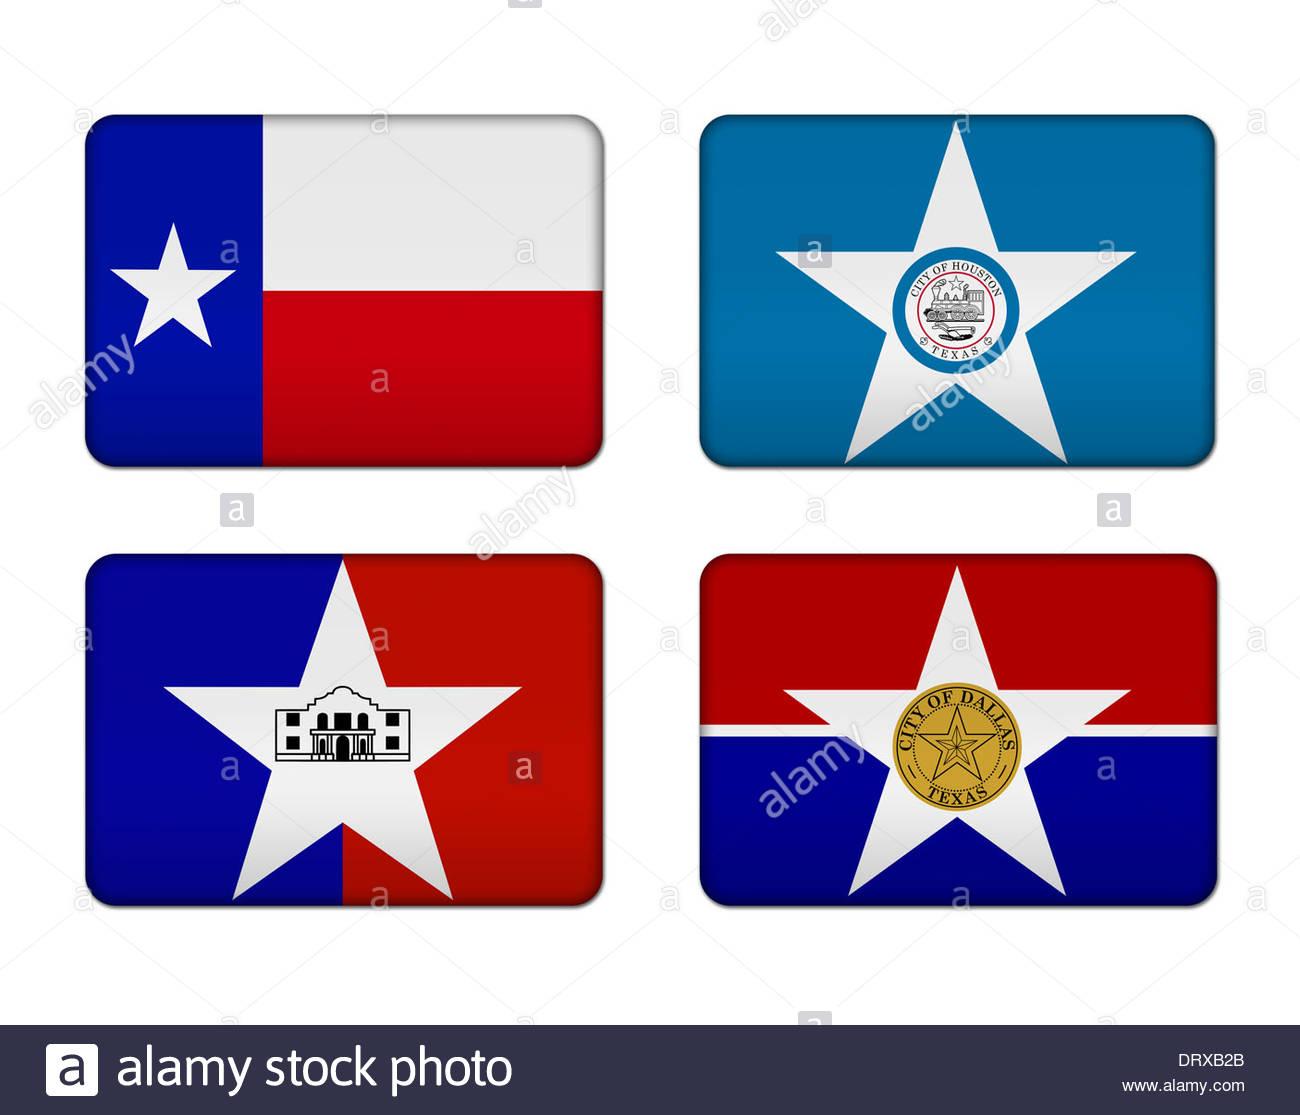 Houston Texas Usa Sign Stockfotos & Houston Texas Usa Sign Bilder ...